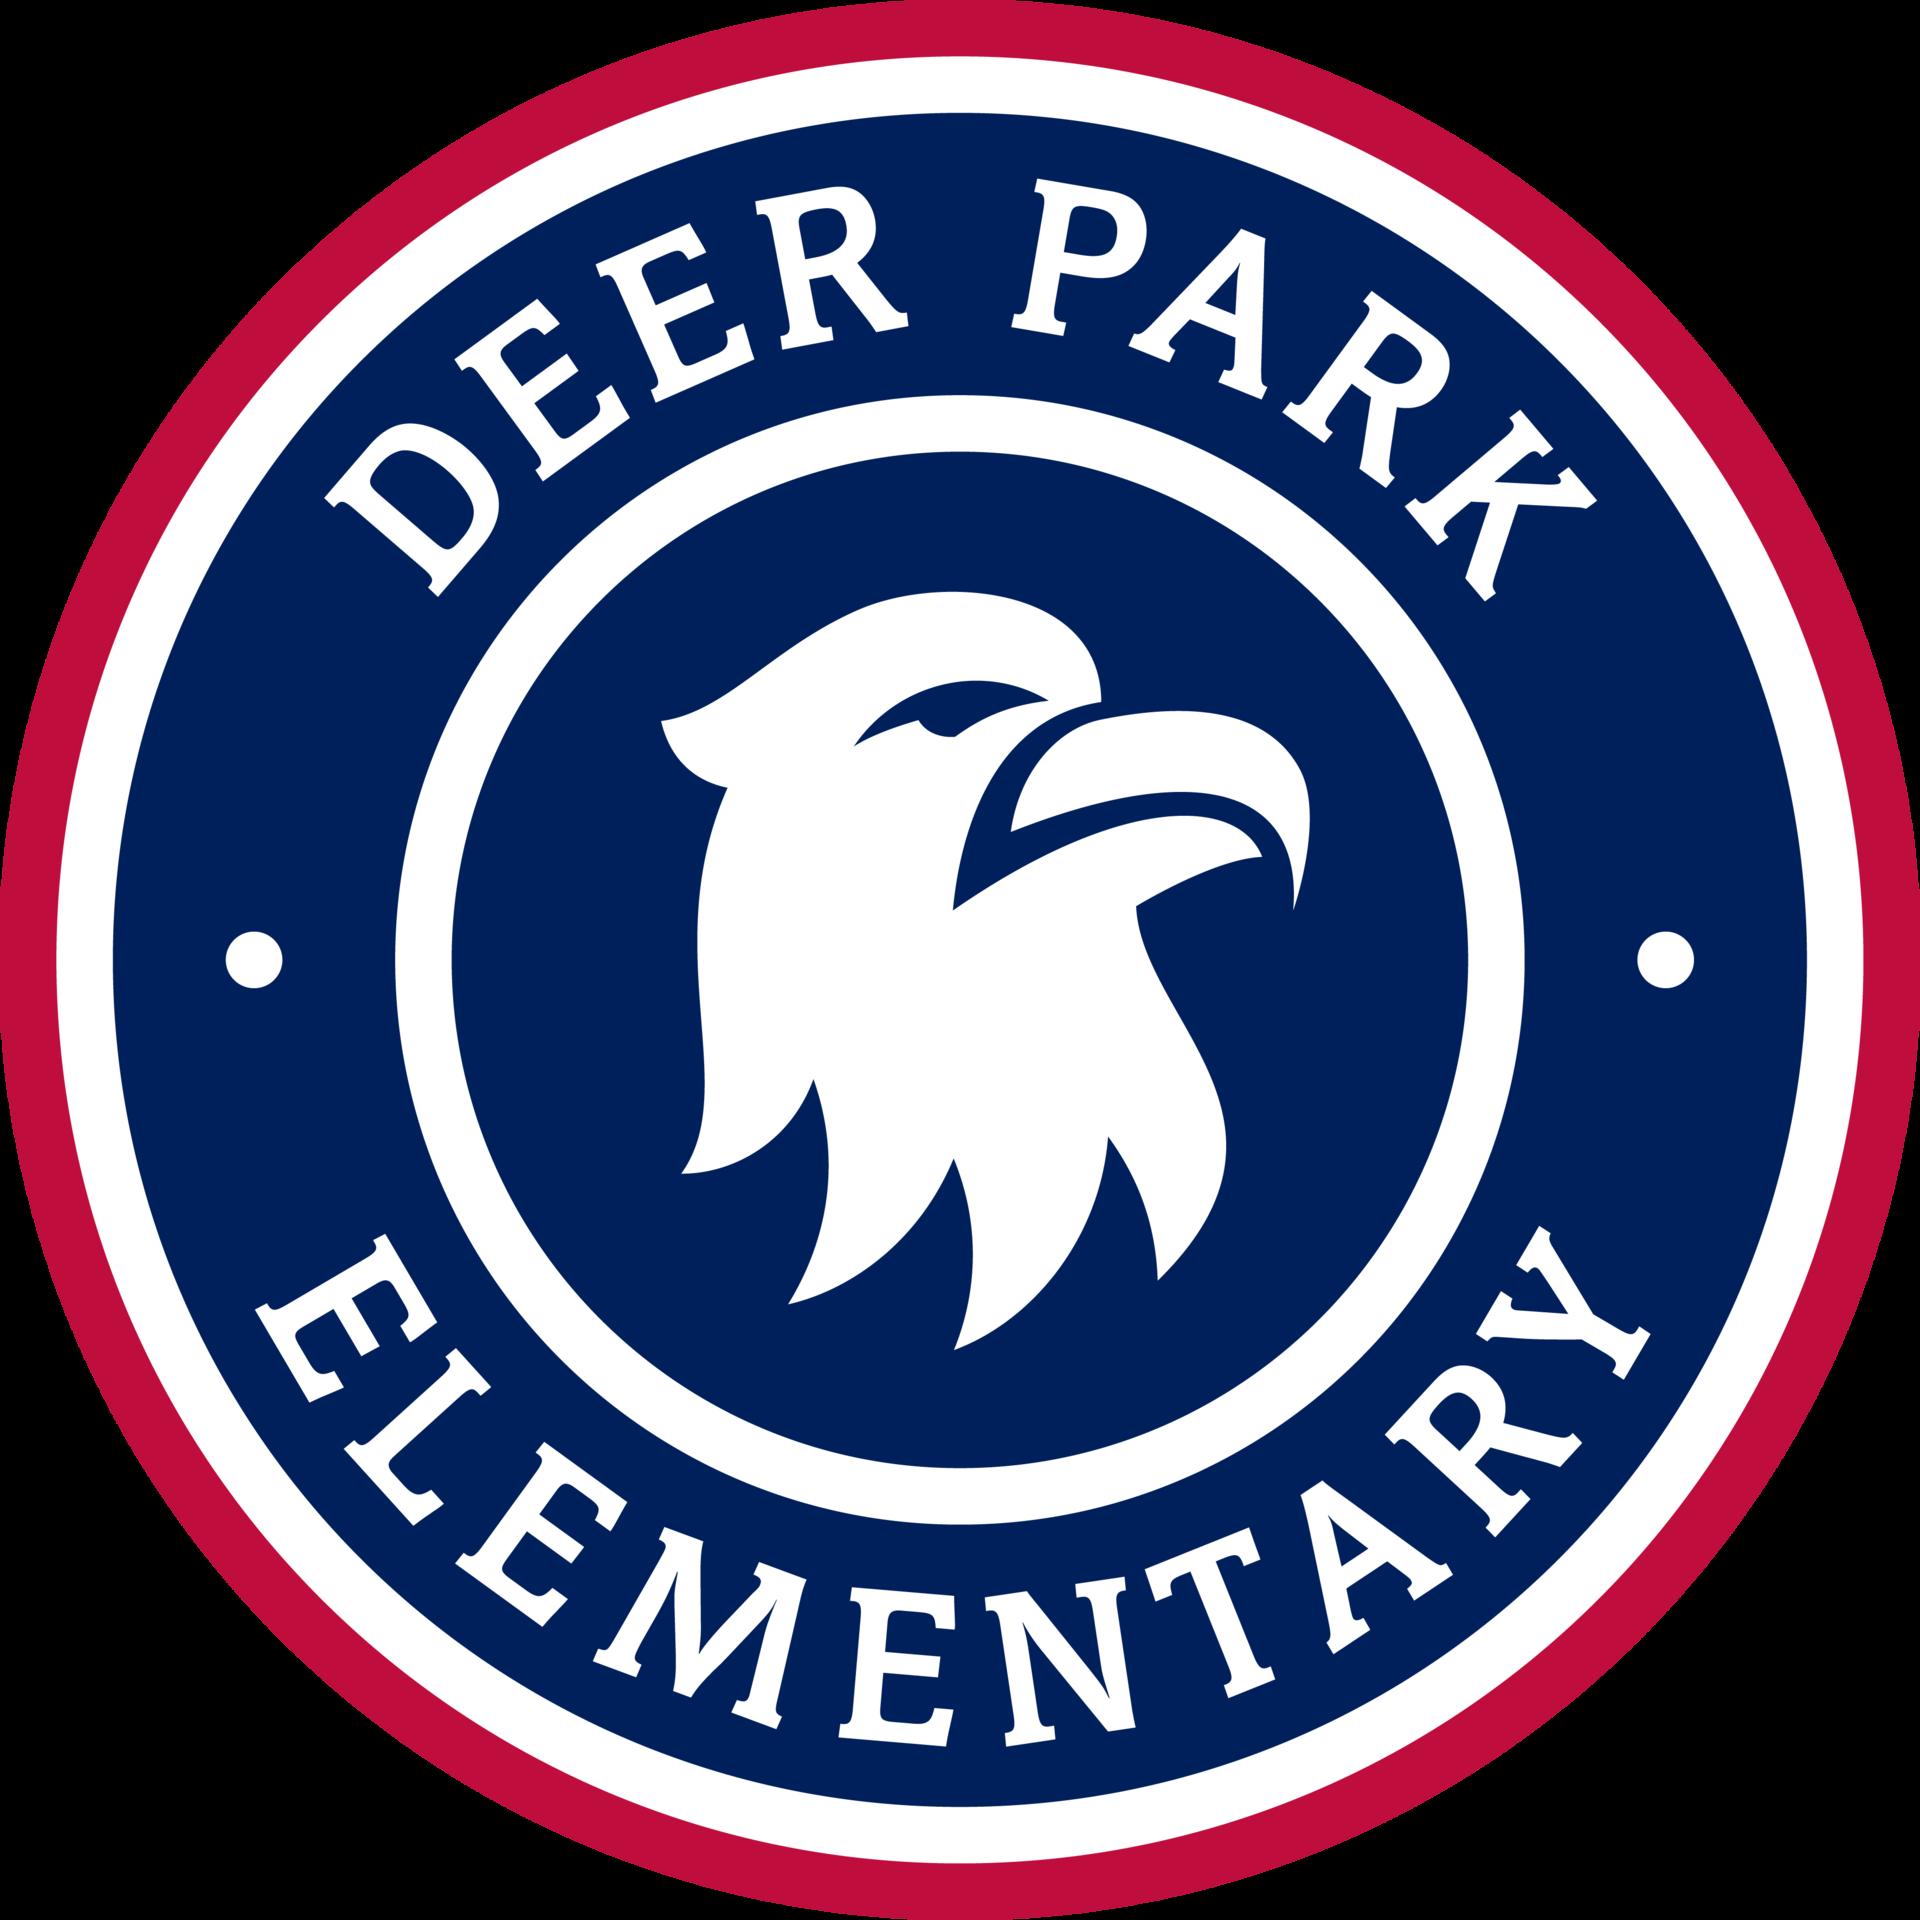 Deer Park Elementary school seal